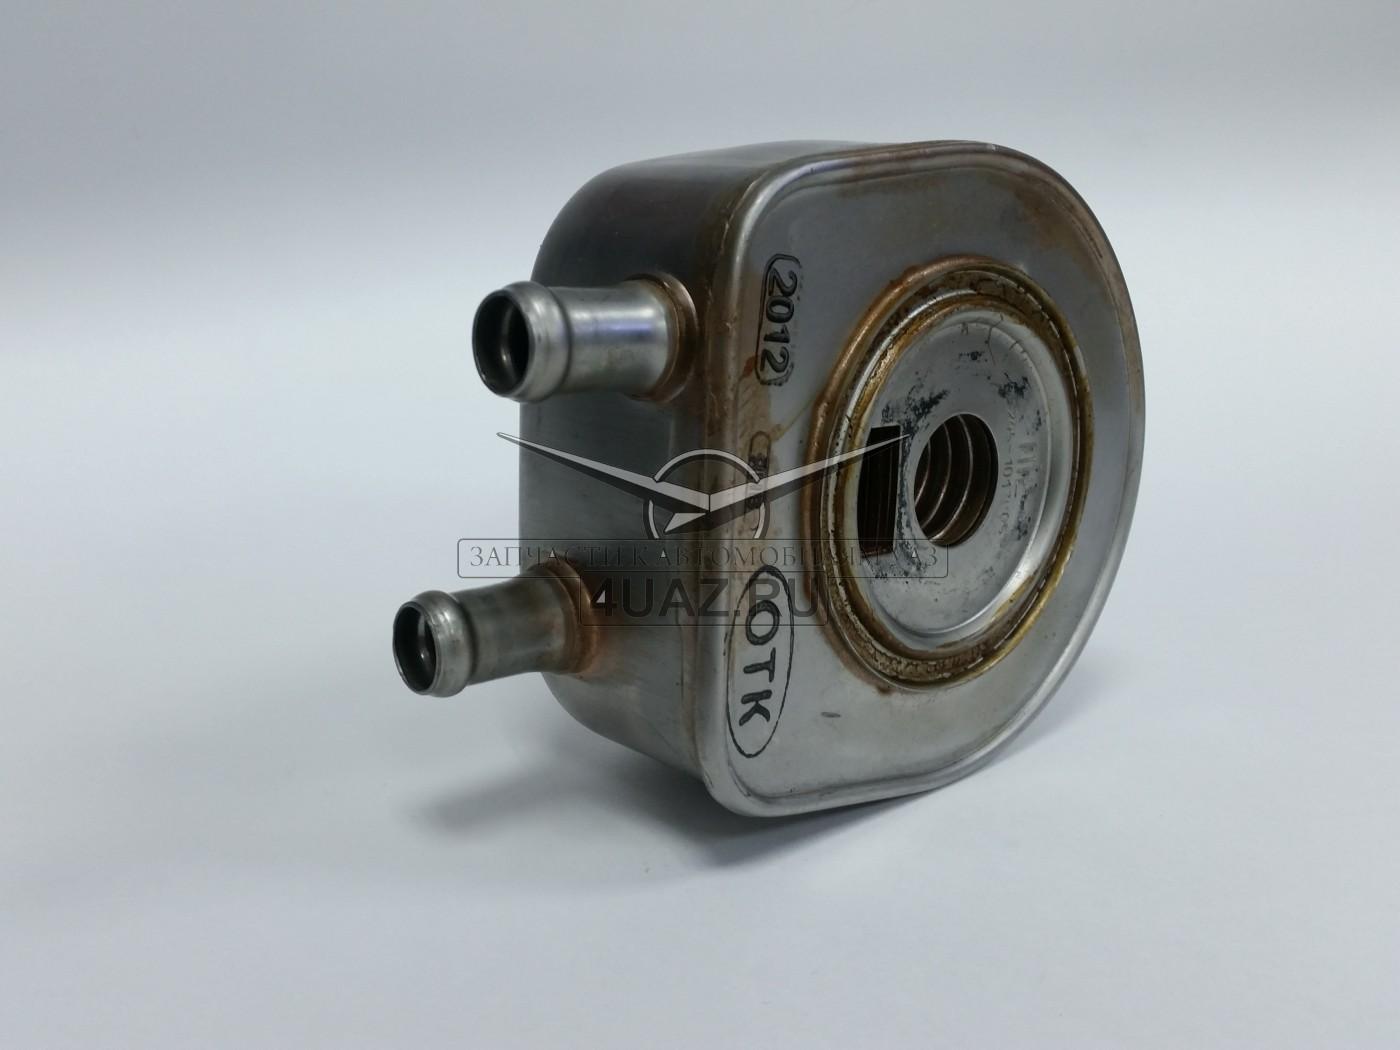 Теплообменник на уаз Паяный теплообменник Alfa Laval CB112-76L Ижевск